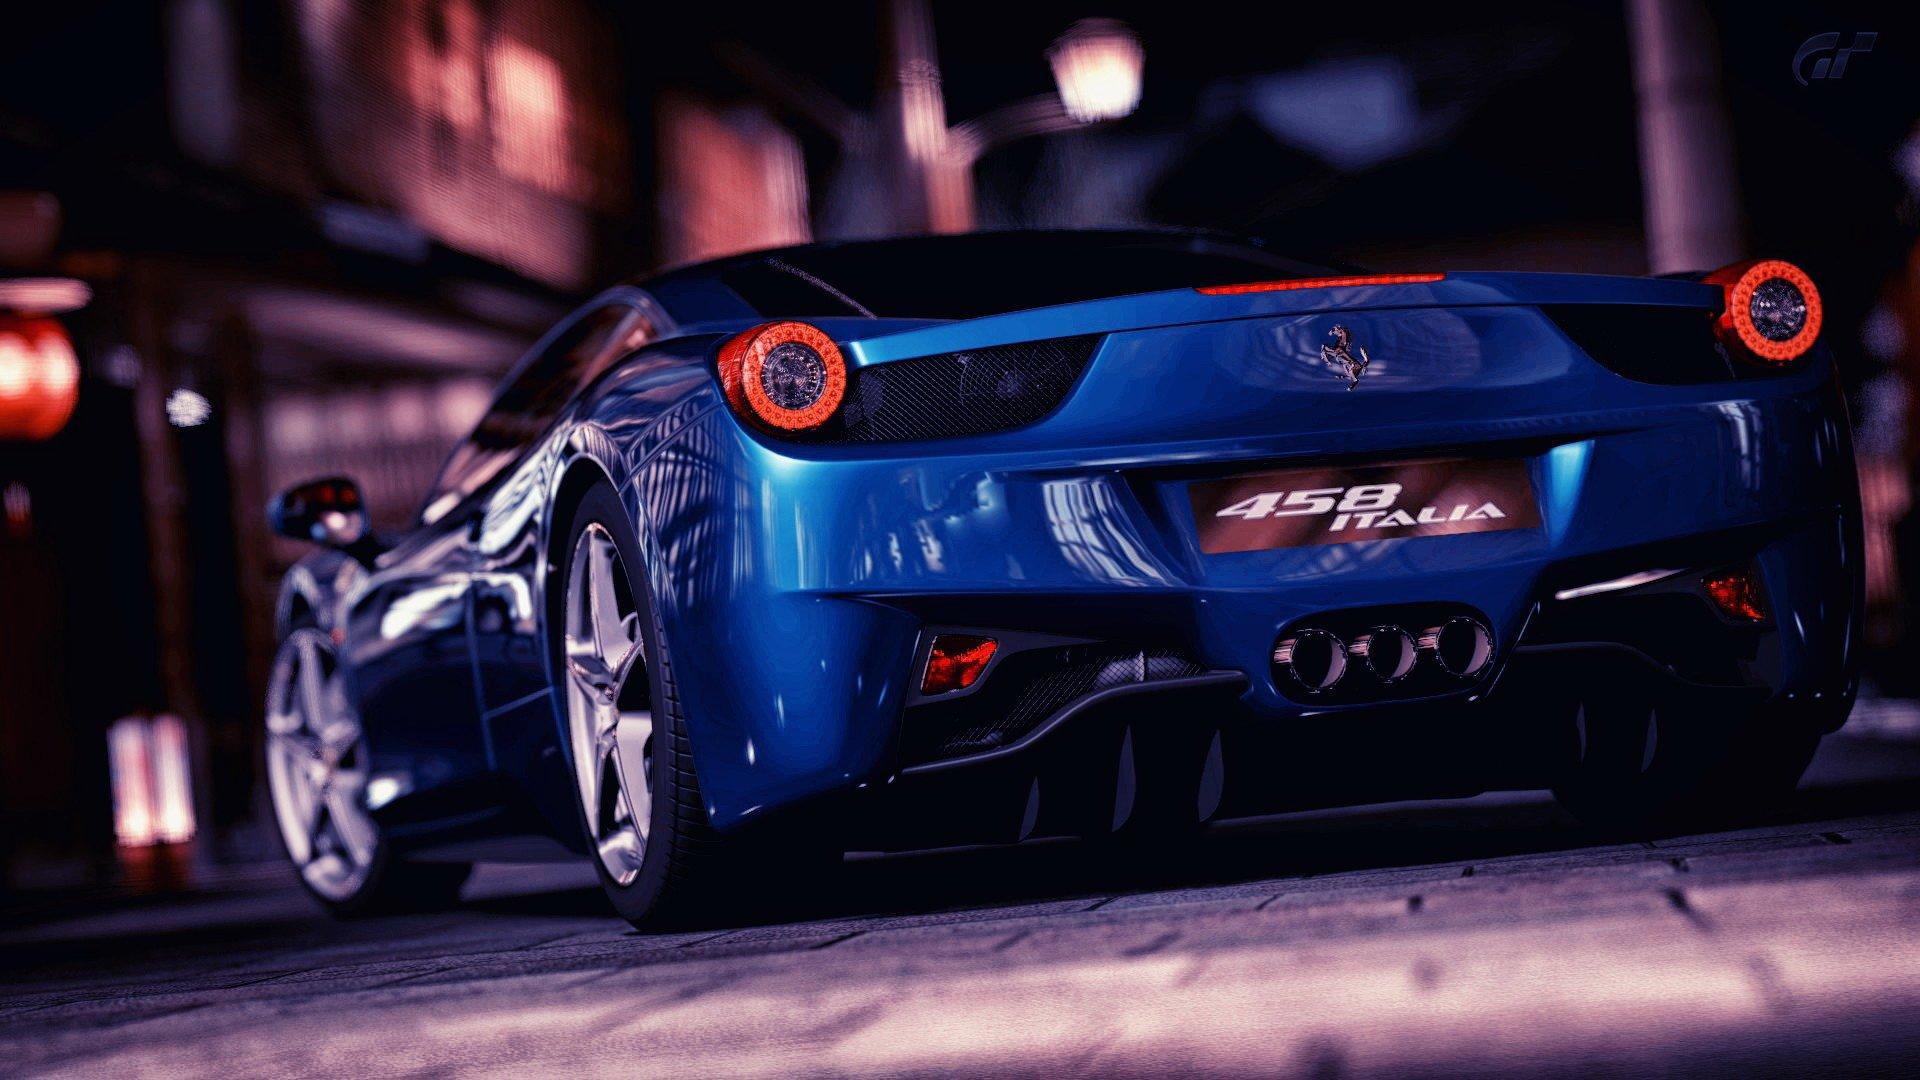 1134 Ferrari HD Wallpapers   Backgrounds - Wallpaper Abyss